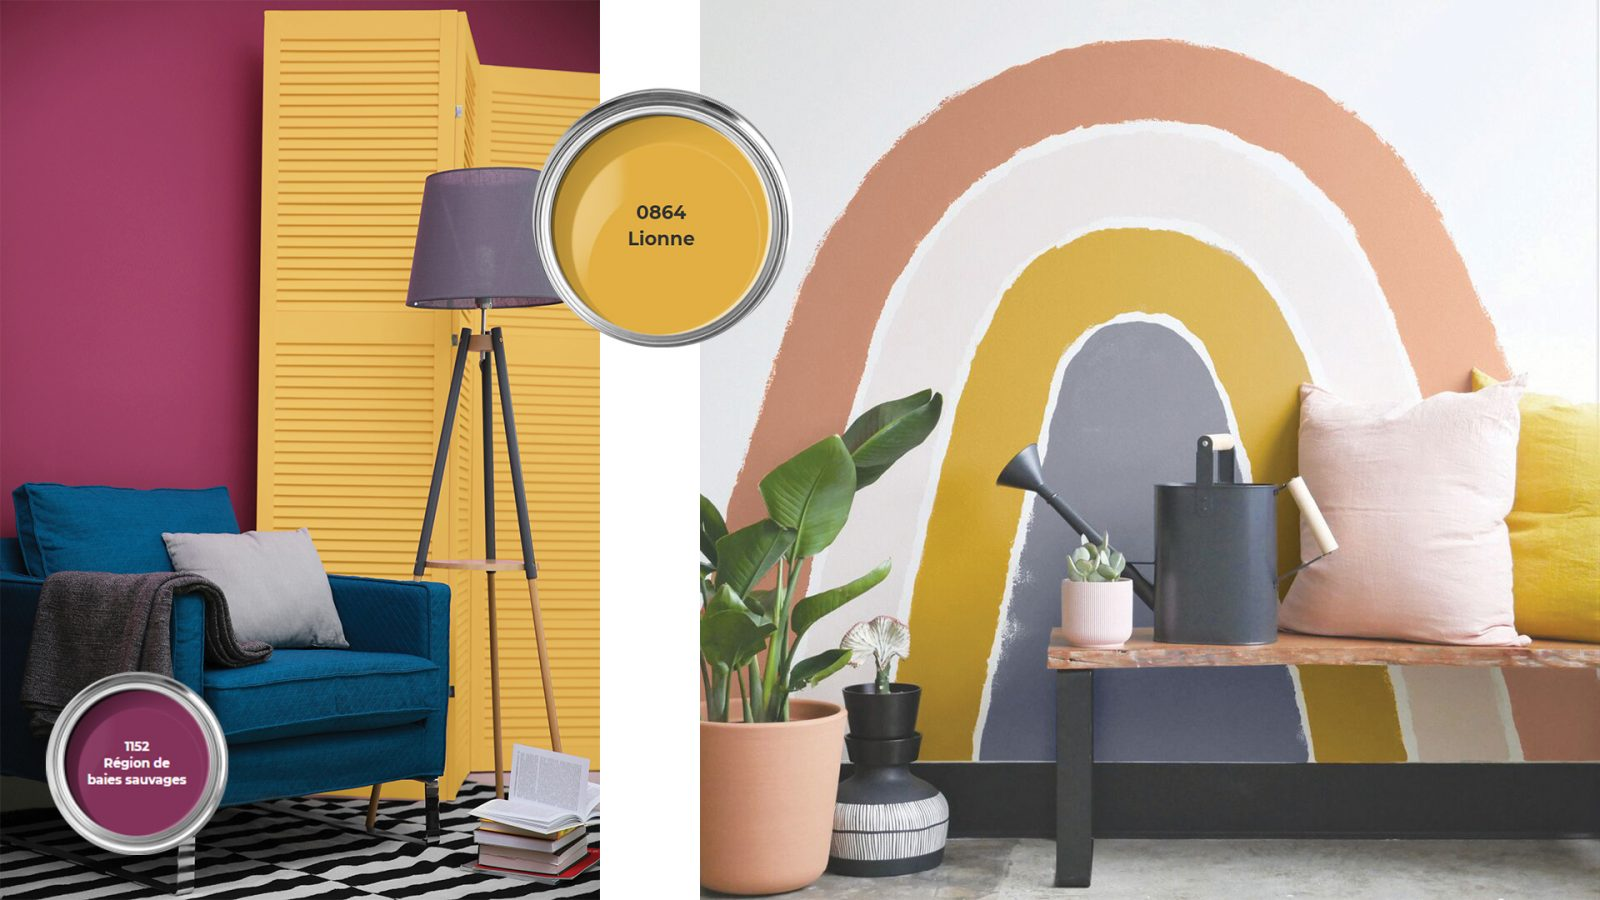 Couleur Mur Salon 2019 nos couleurs tendances 2020 - peintures mf